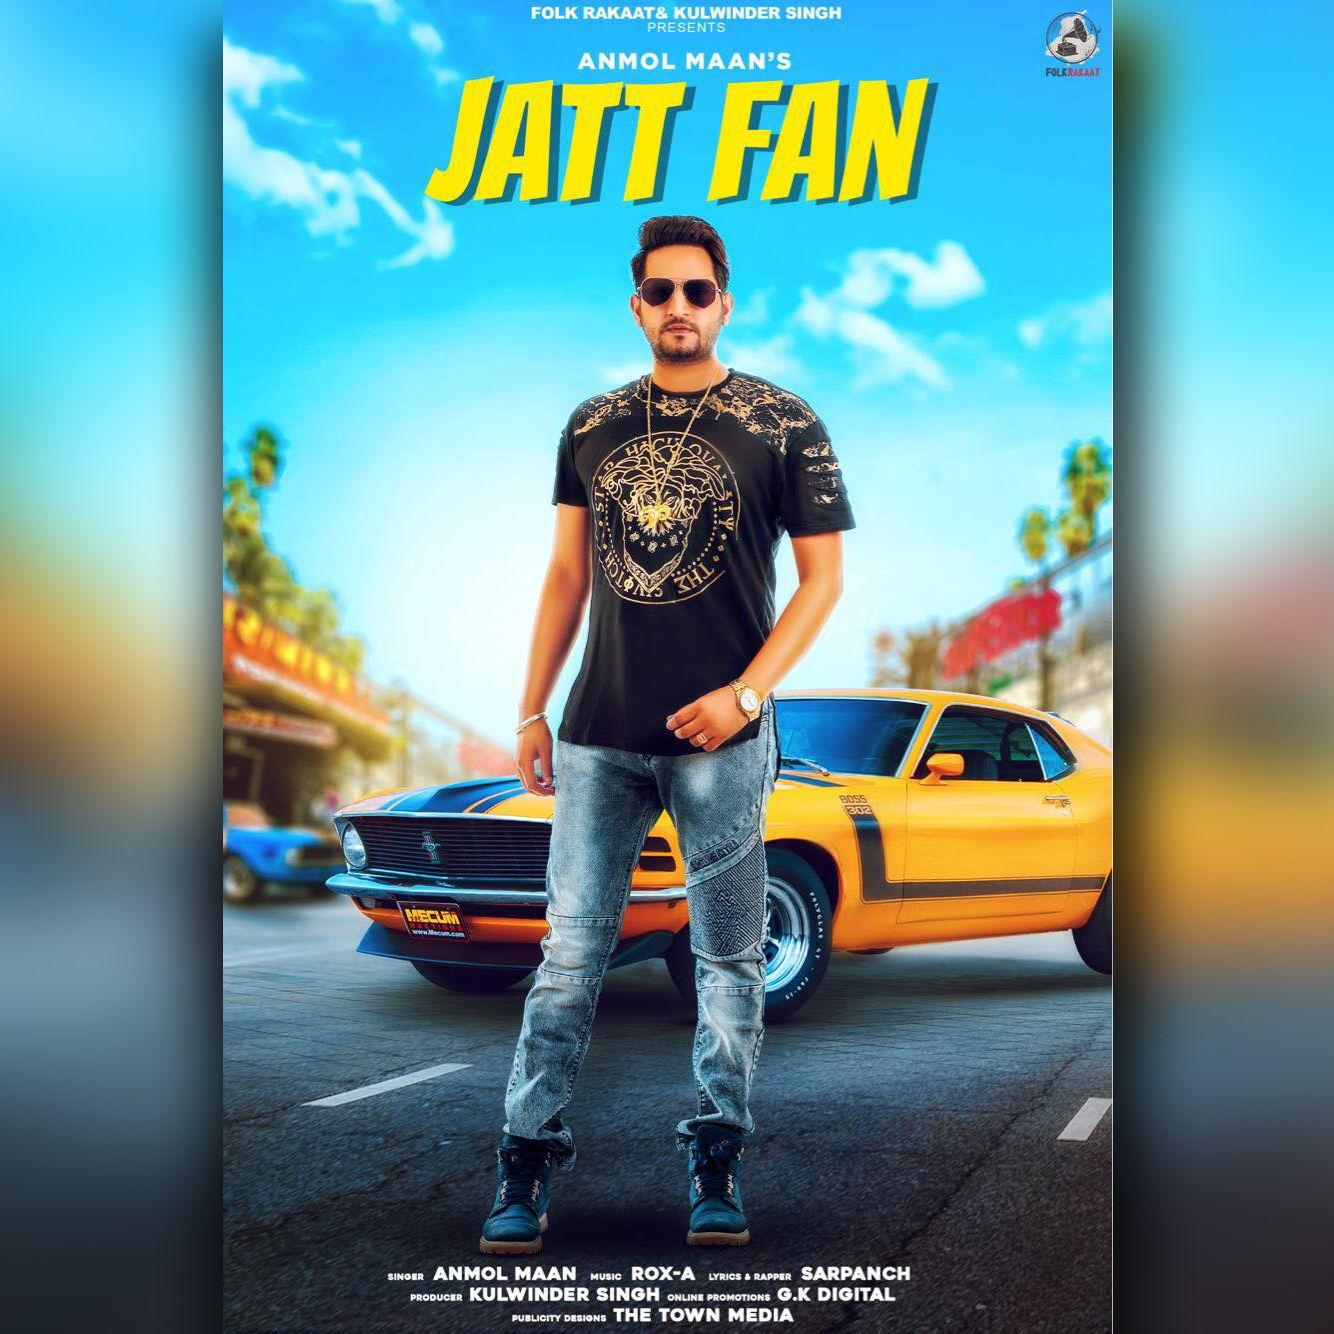 Jatt Fan by Anmol Maan download Mp3 Music download